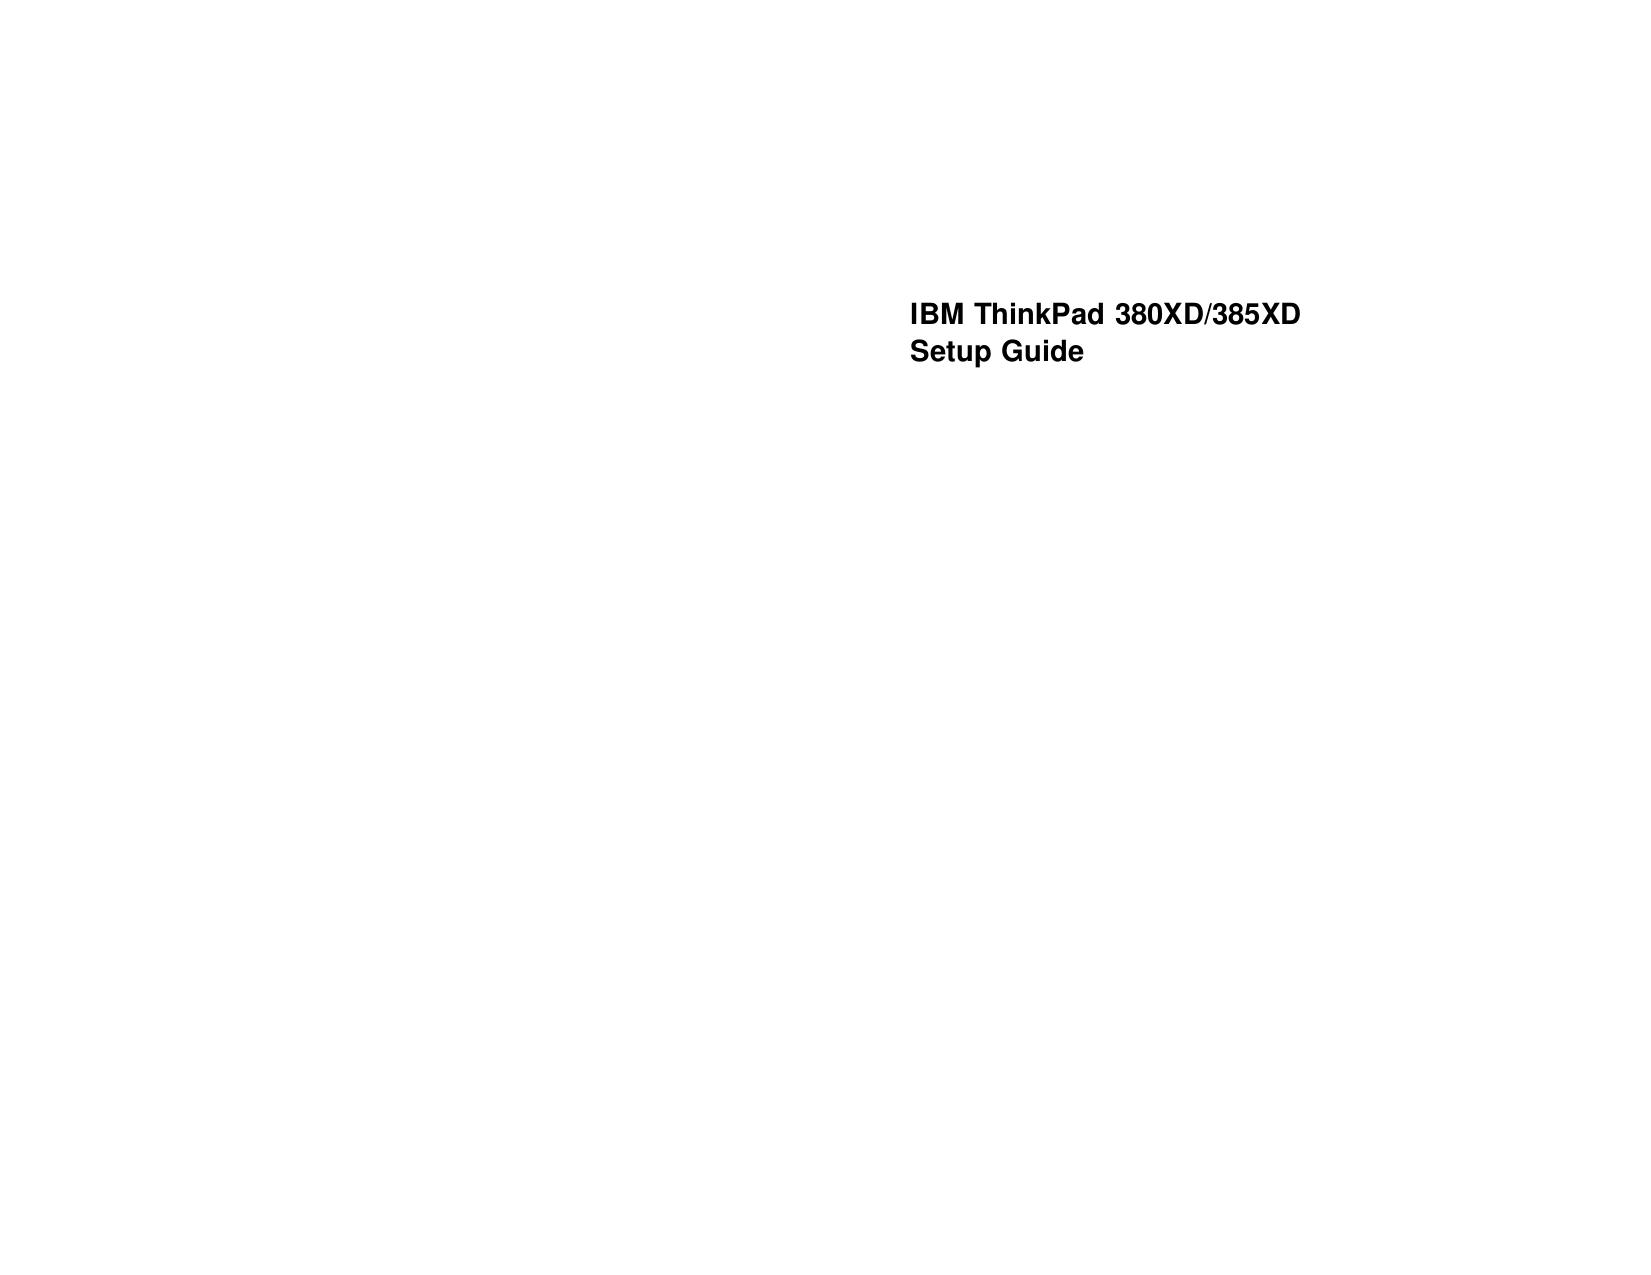 pdf for IBM Laptop ThinkPad 380XD manual